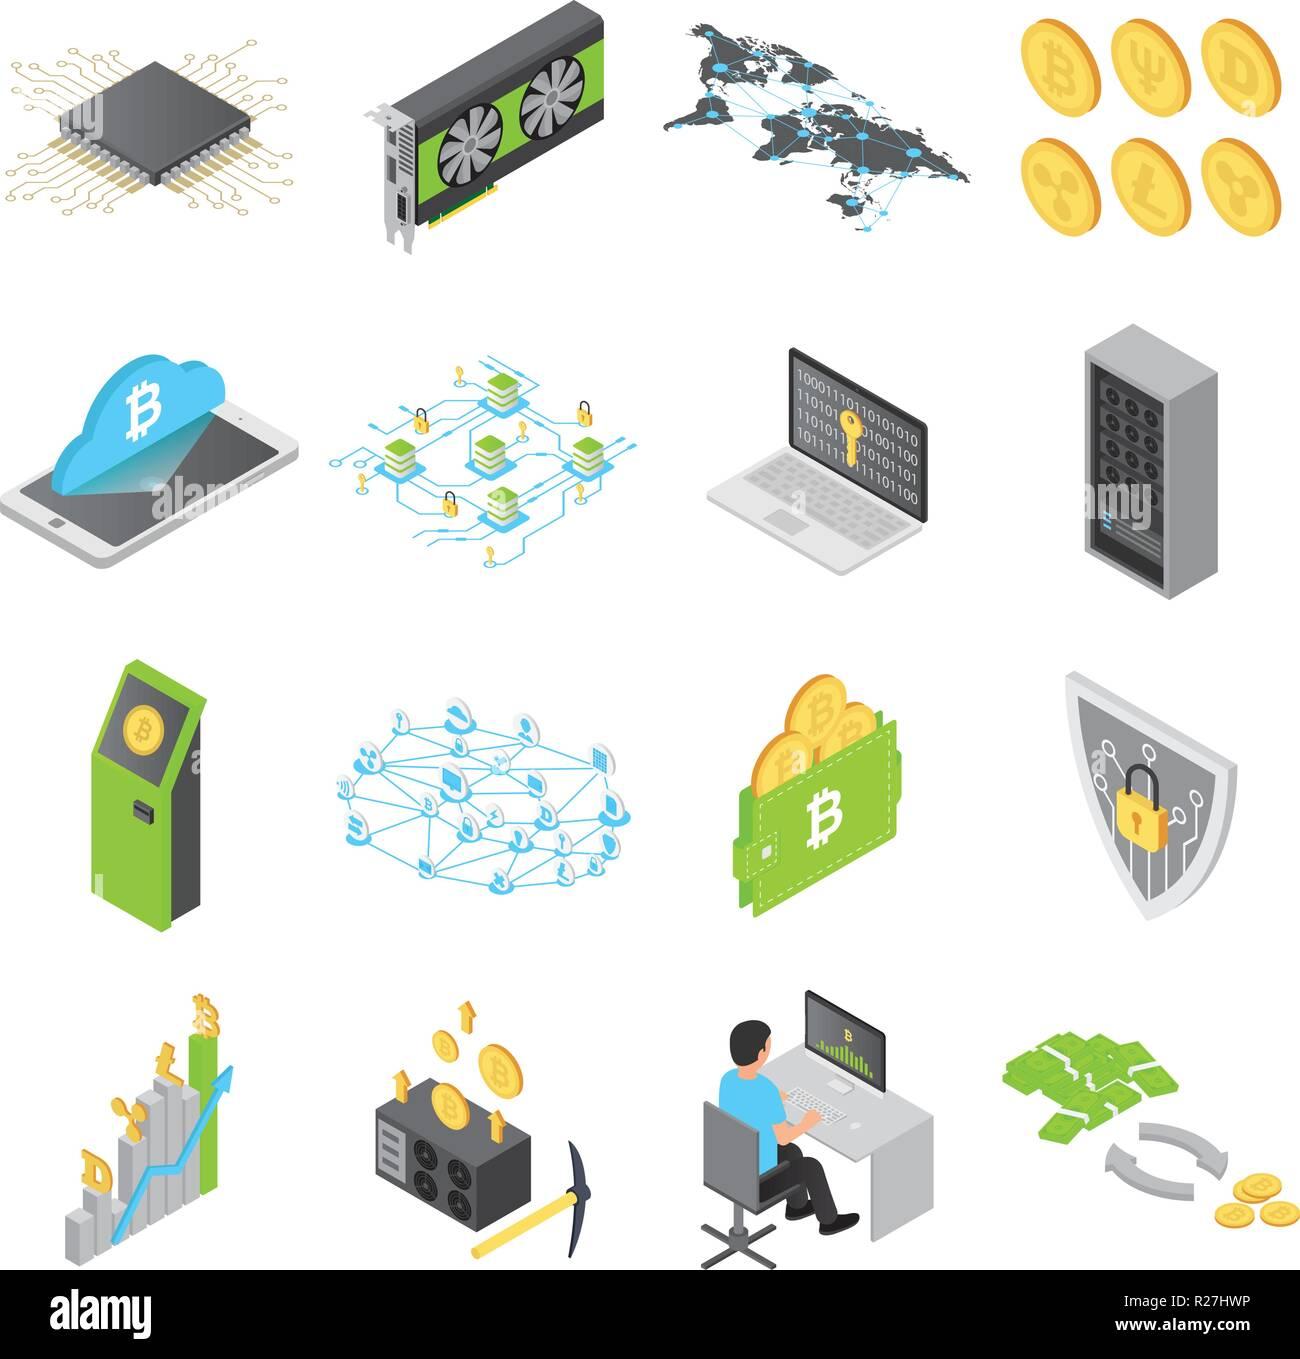 Los iconos de la tecnología Blockchain set. Ilustración de 16 blockchain isométrica tecnología iconos vectoriales para web Imagen De Stock